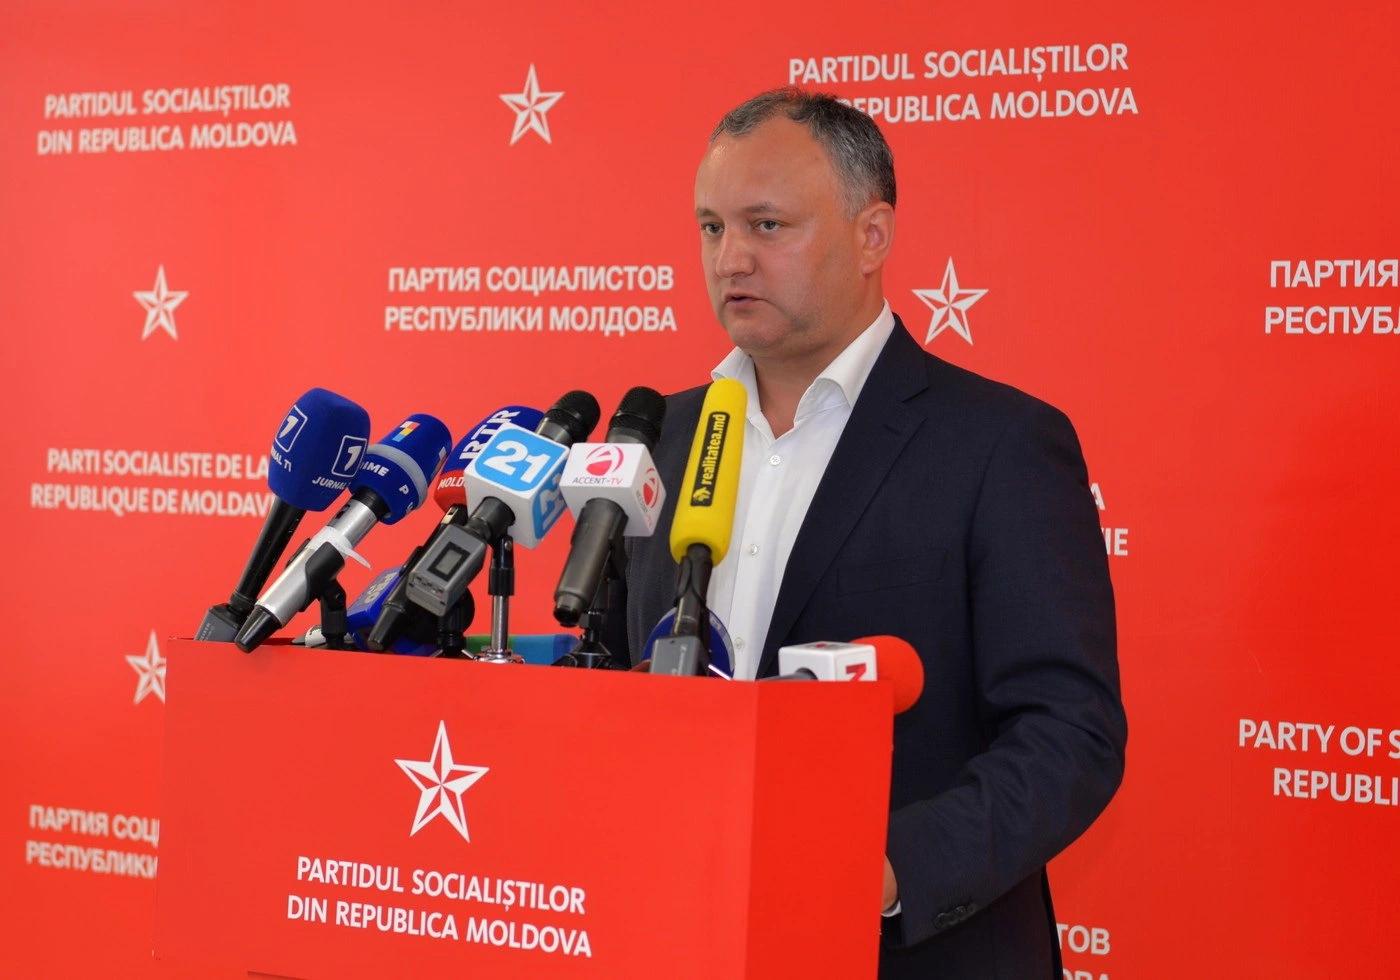 Organele colegiale ale PSRM au decis excluderea din formațiune a tuturor persoanelor care au încălcat principiile partidului